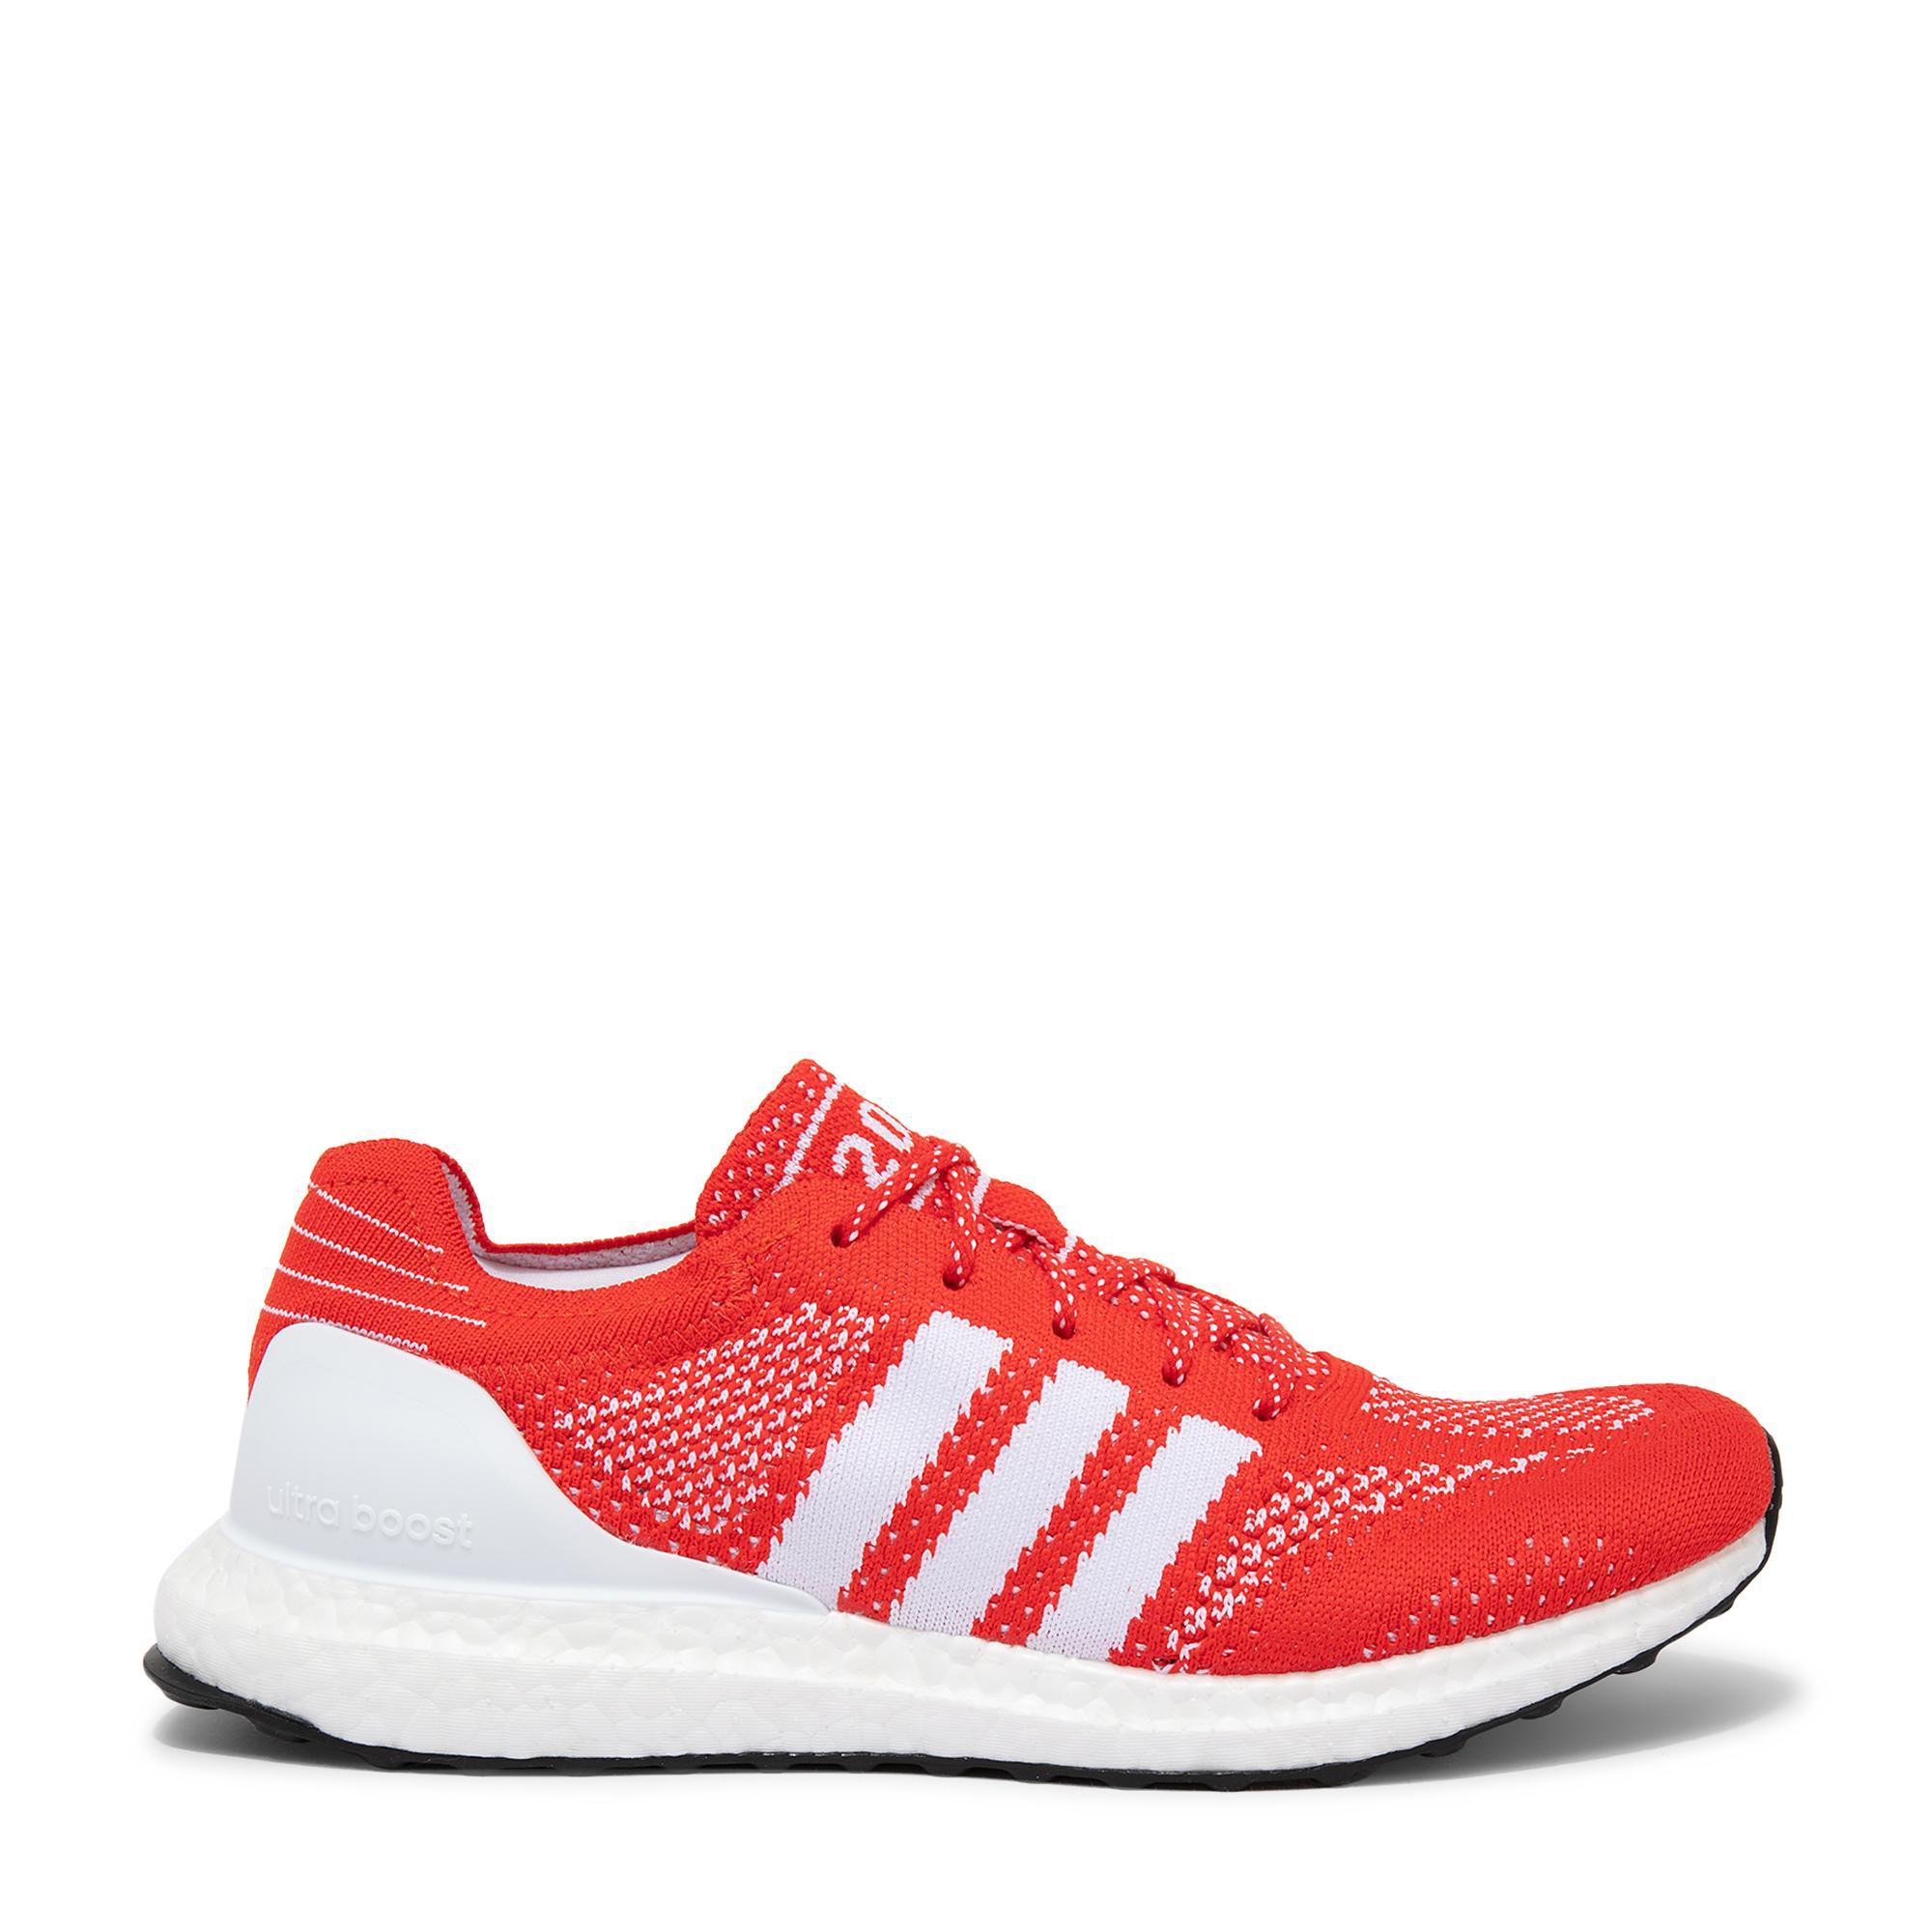 """حذاء """"ألترا بوست دي إن إيه"""" الرياضي"""